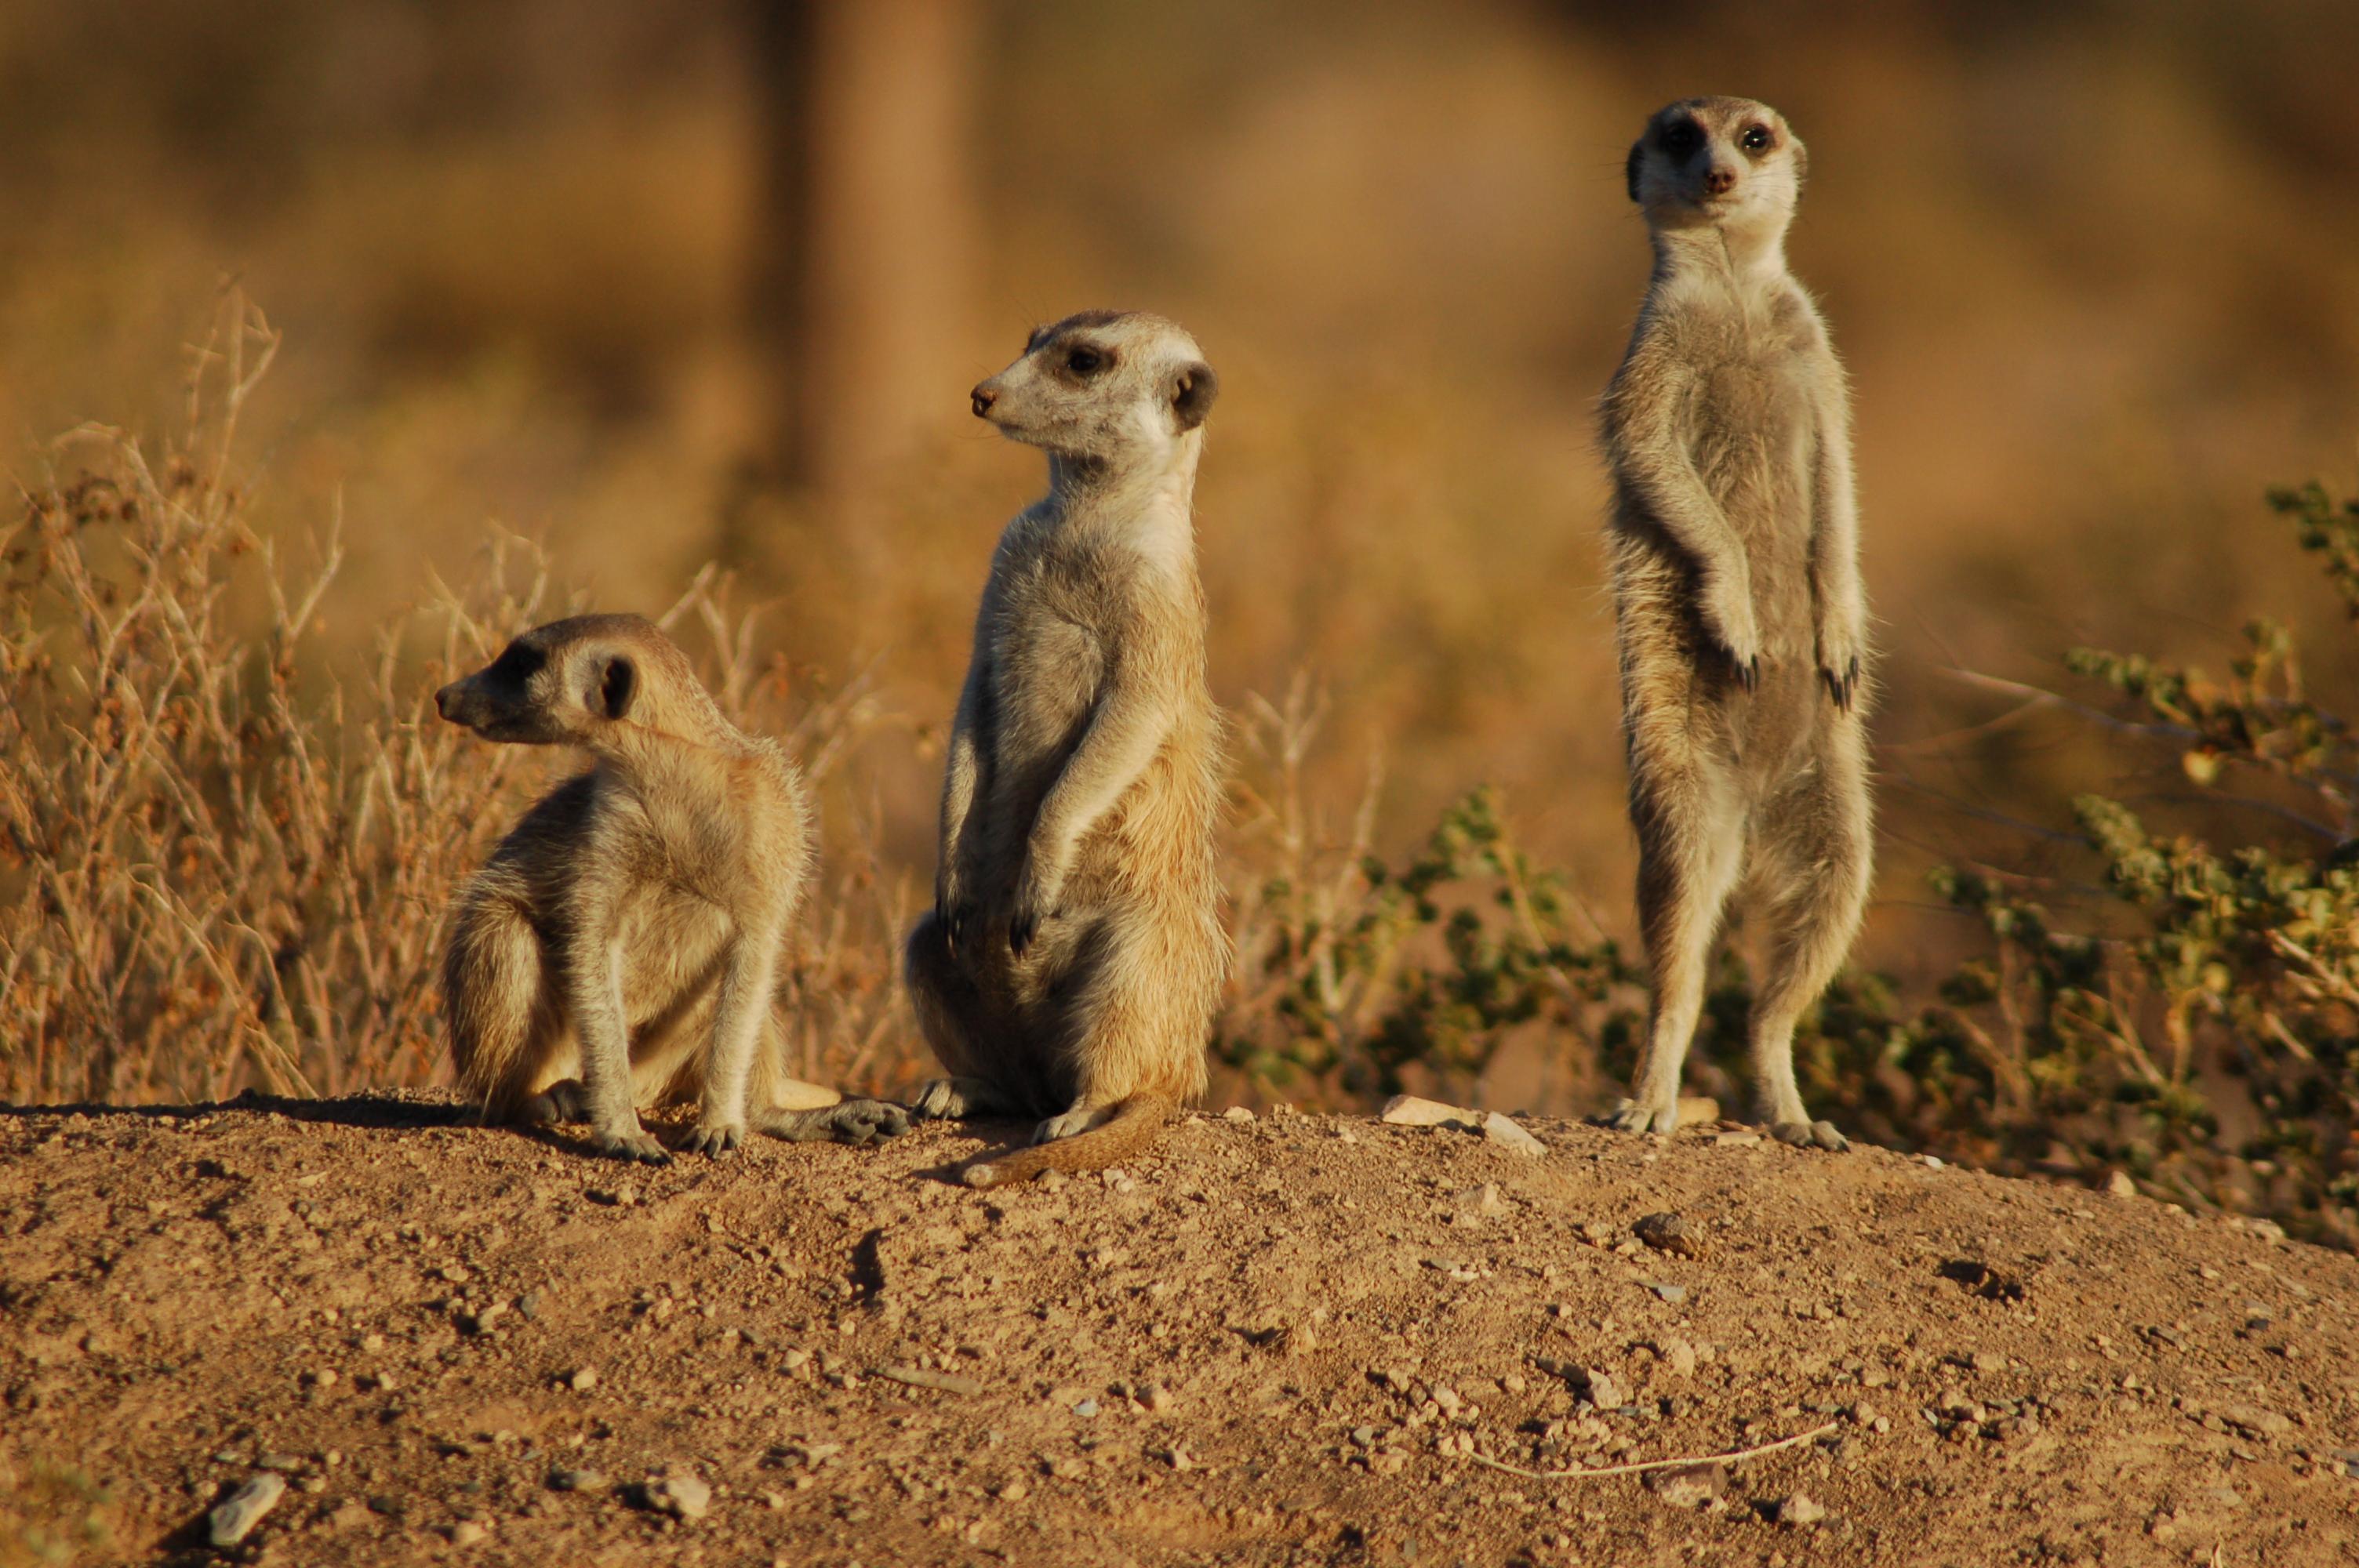 suricates_namibia_3166709126.jpg